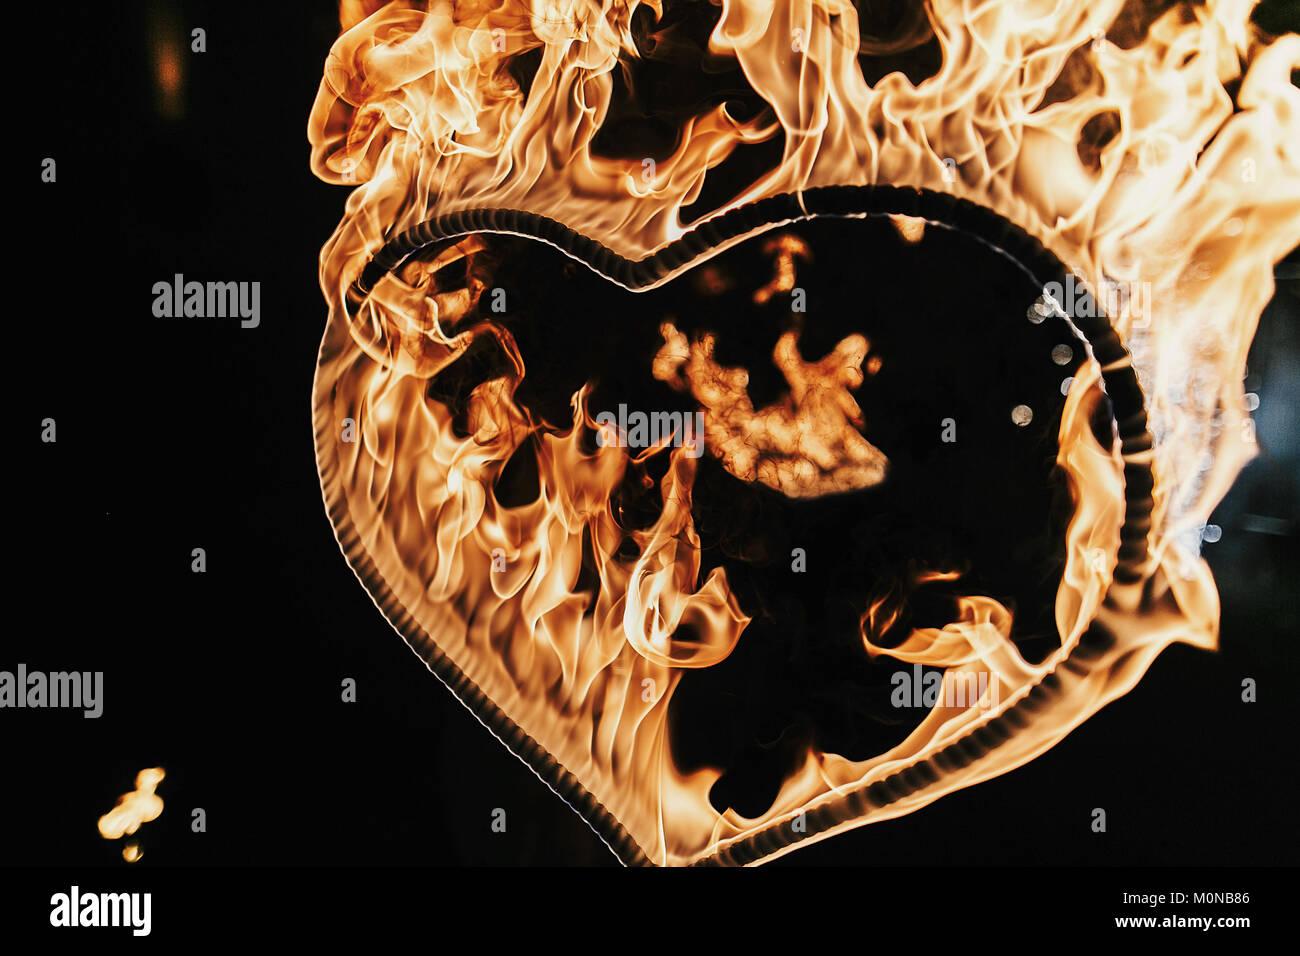 D'artifice en forme de coeur sur fond noir, spectacle de feu dans la nuit. Happy Valentine's day card. bengal fire burning heart. espace pour texte. mariage ou valen Banque D'Images